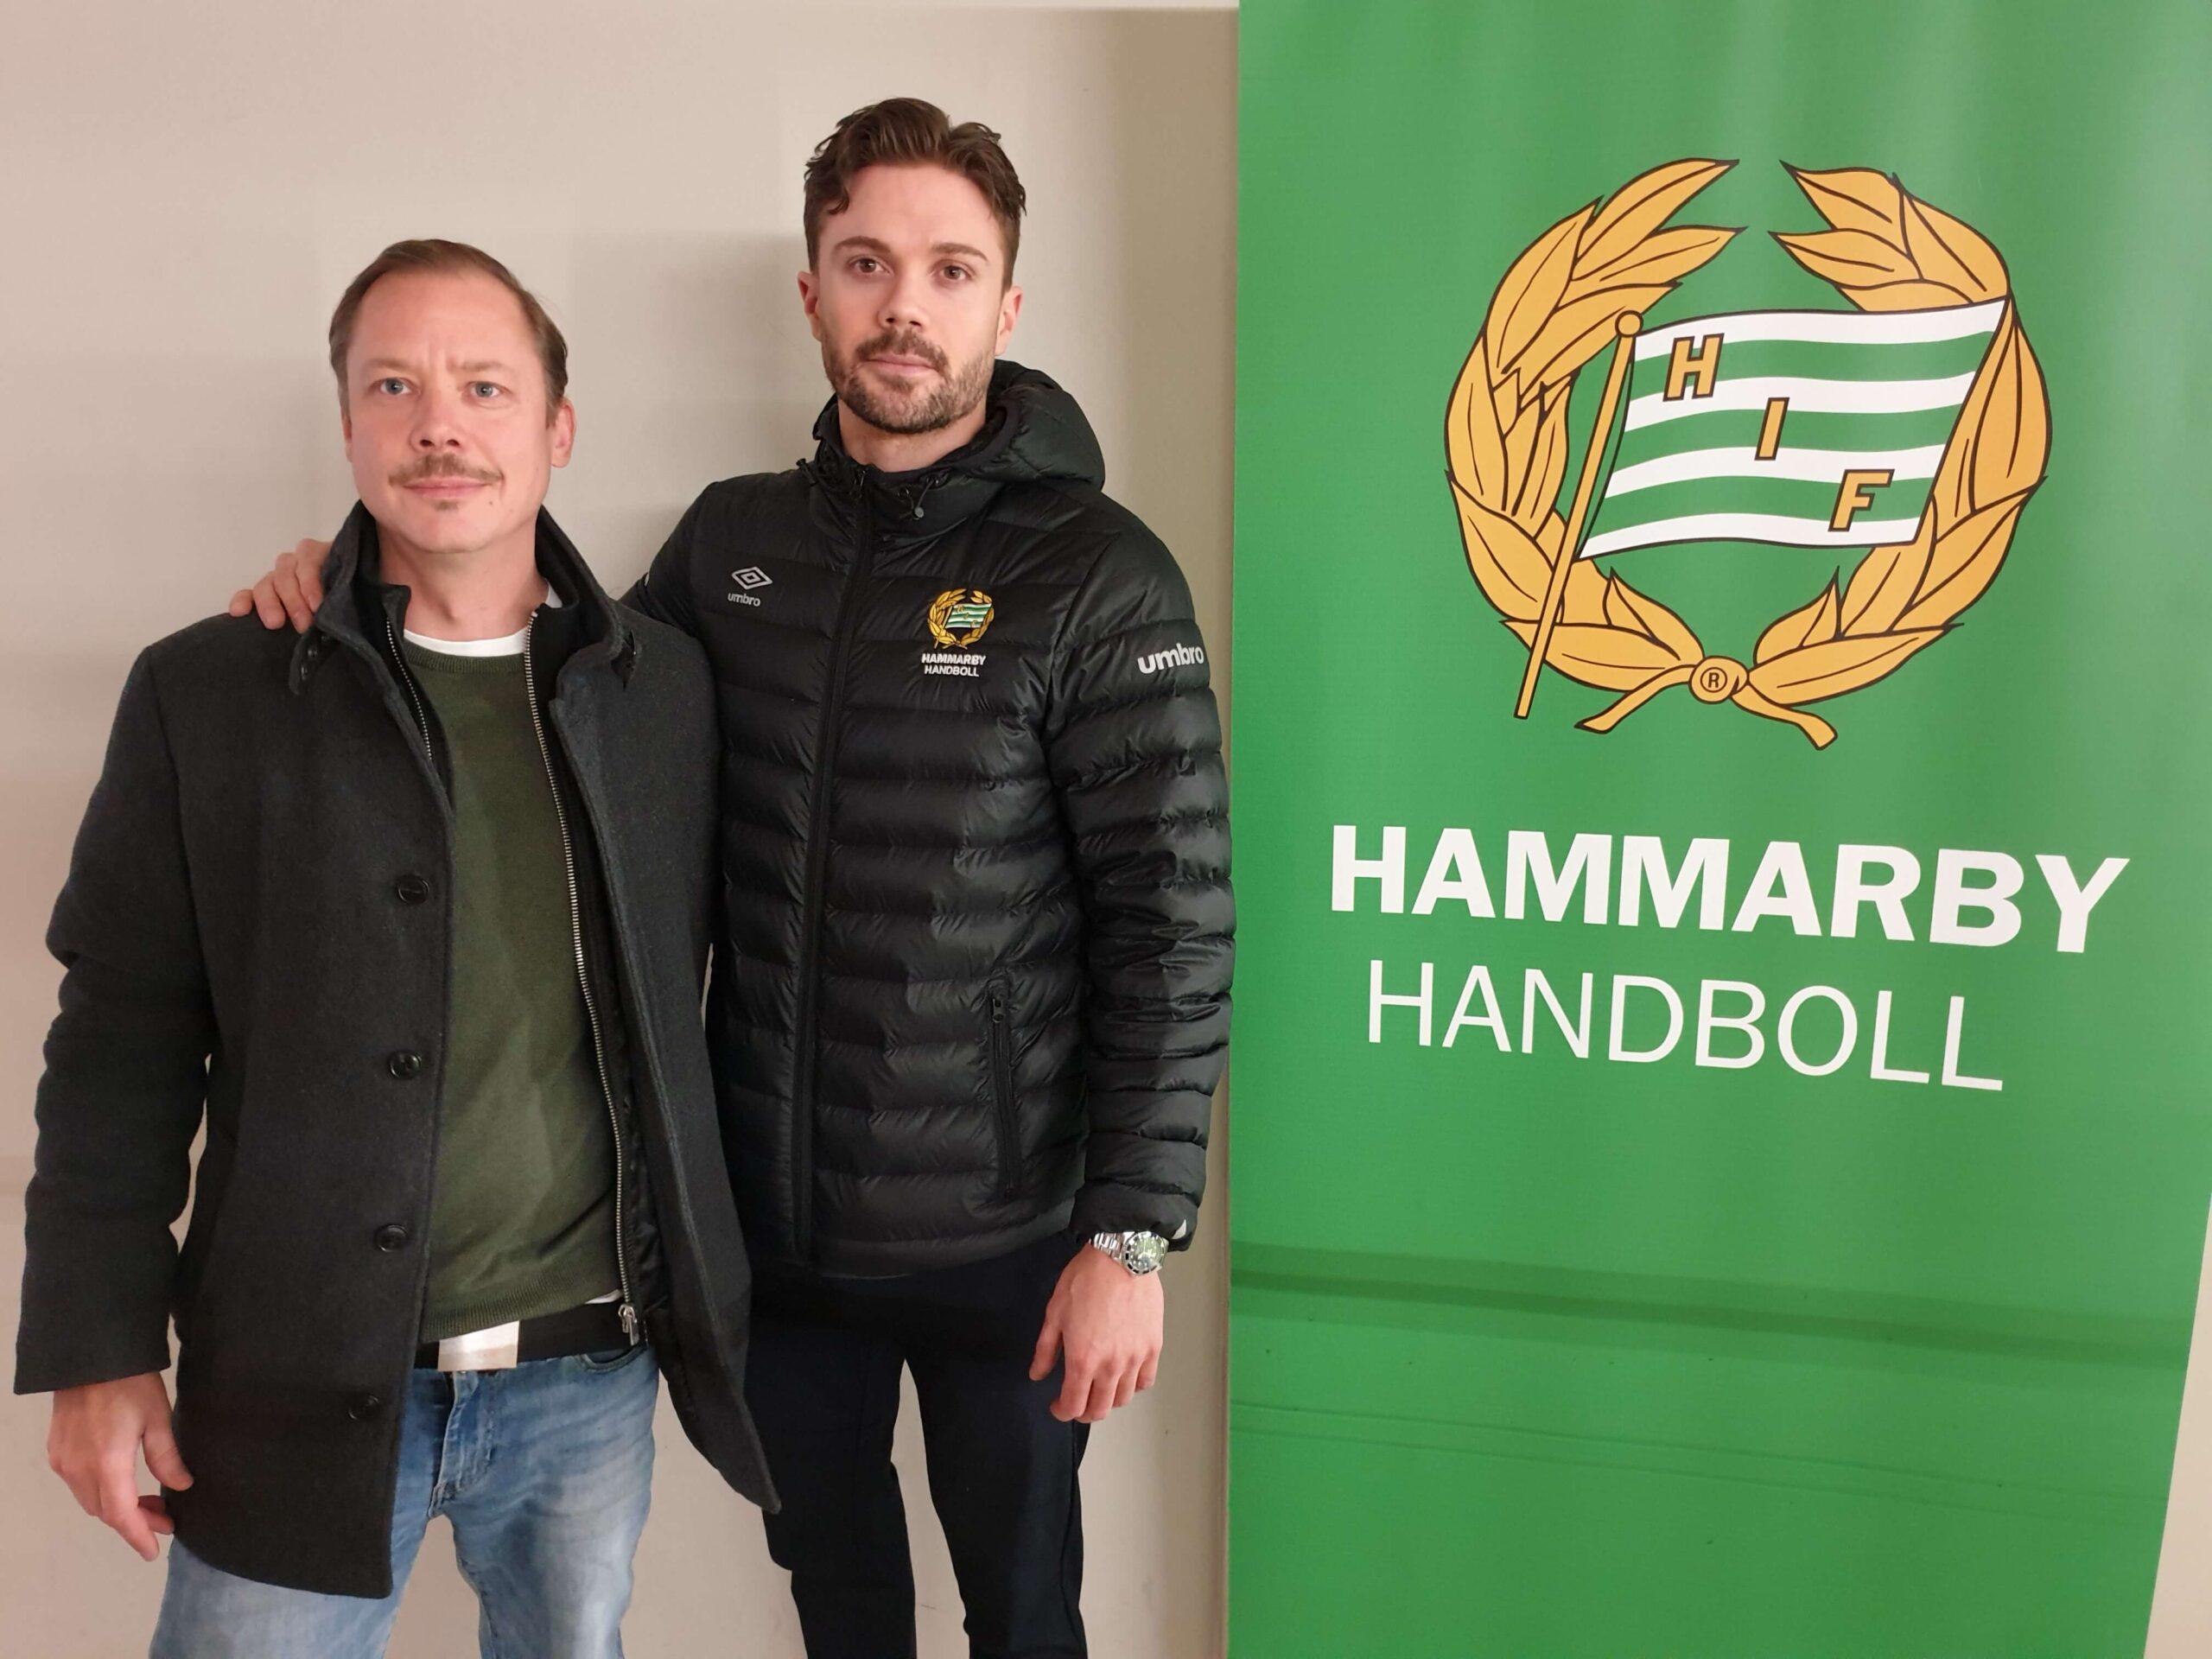 Stefan Berg diskuterar sponsring med Hammarby Handbolls målspottare Martin Dolk